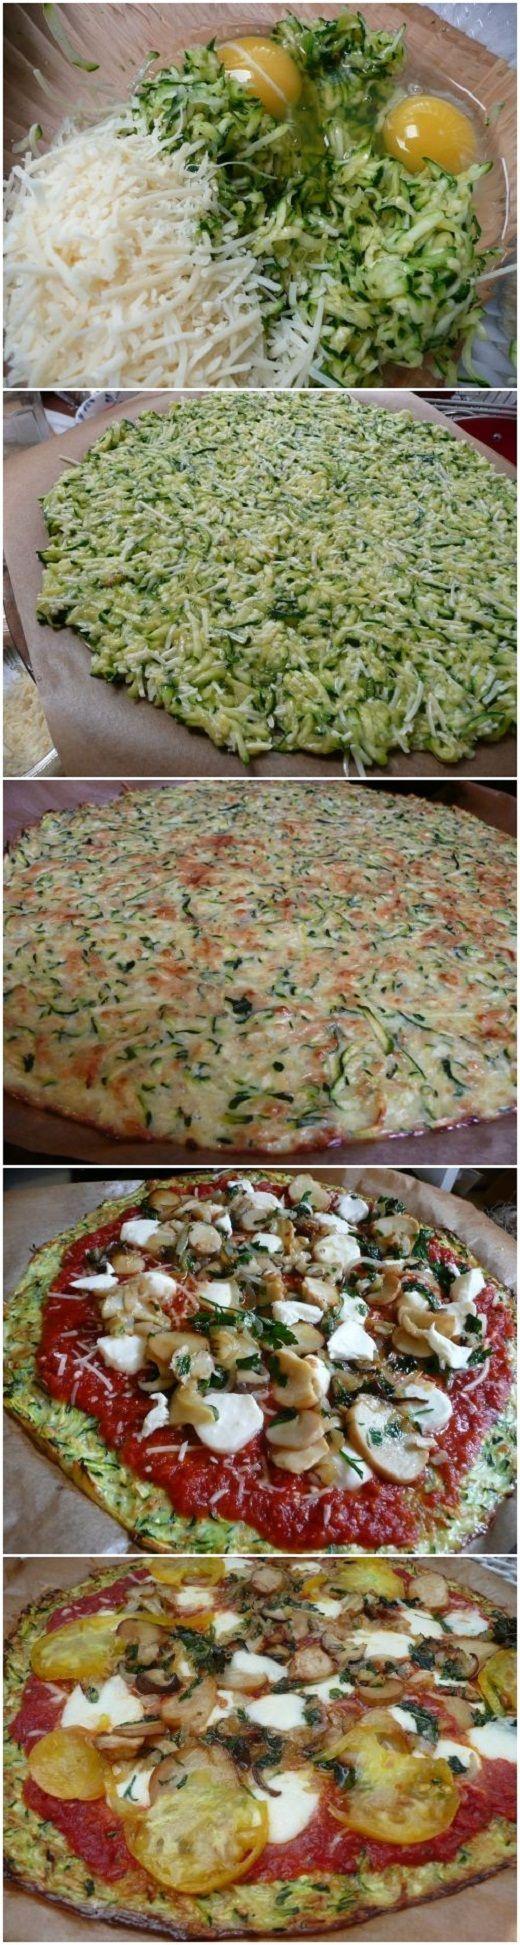 آموزش گام به گام پیتزا کدو - آشپزی مامانم